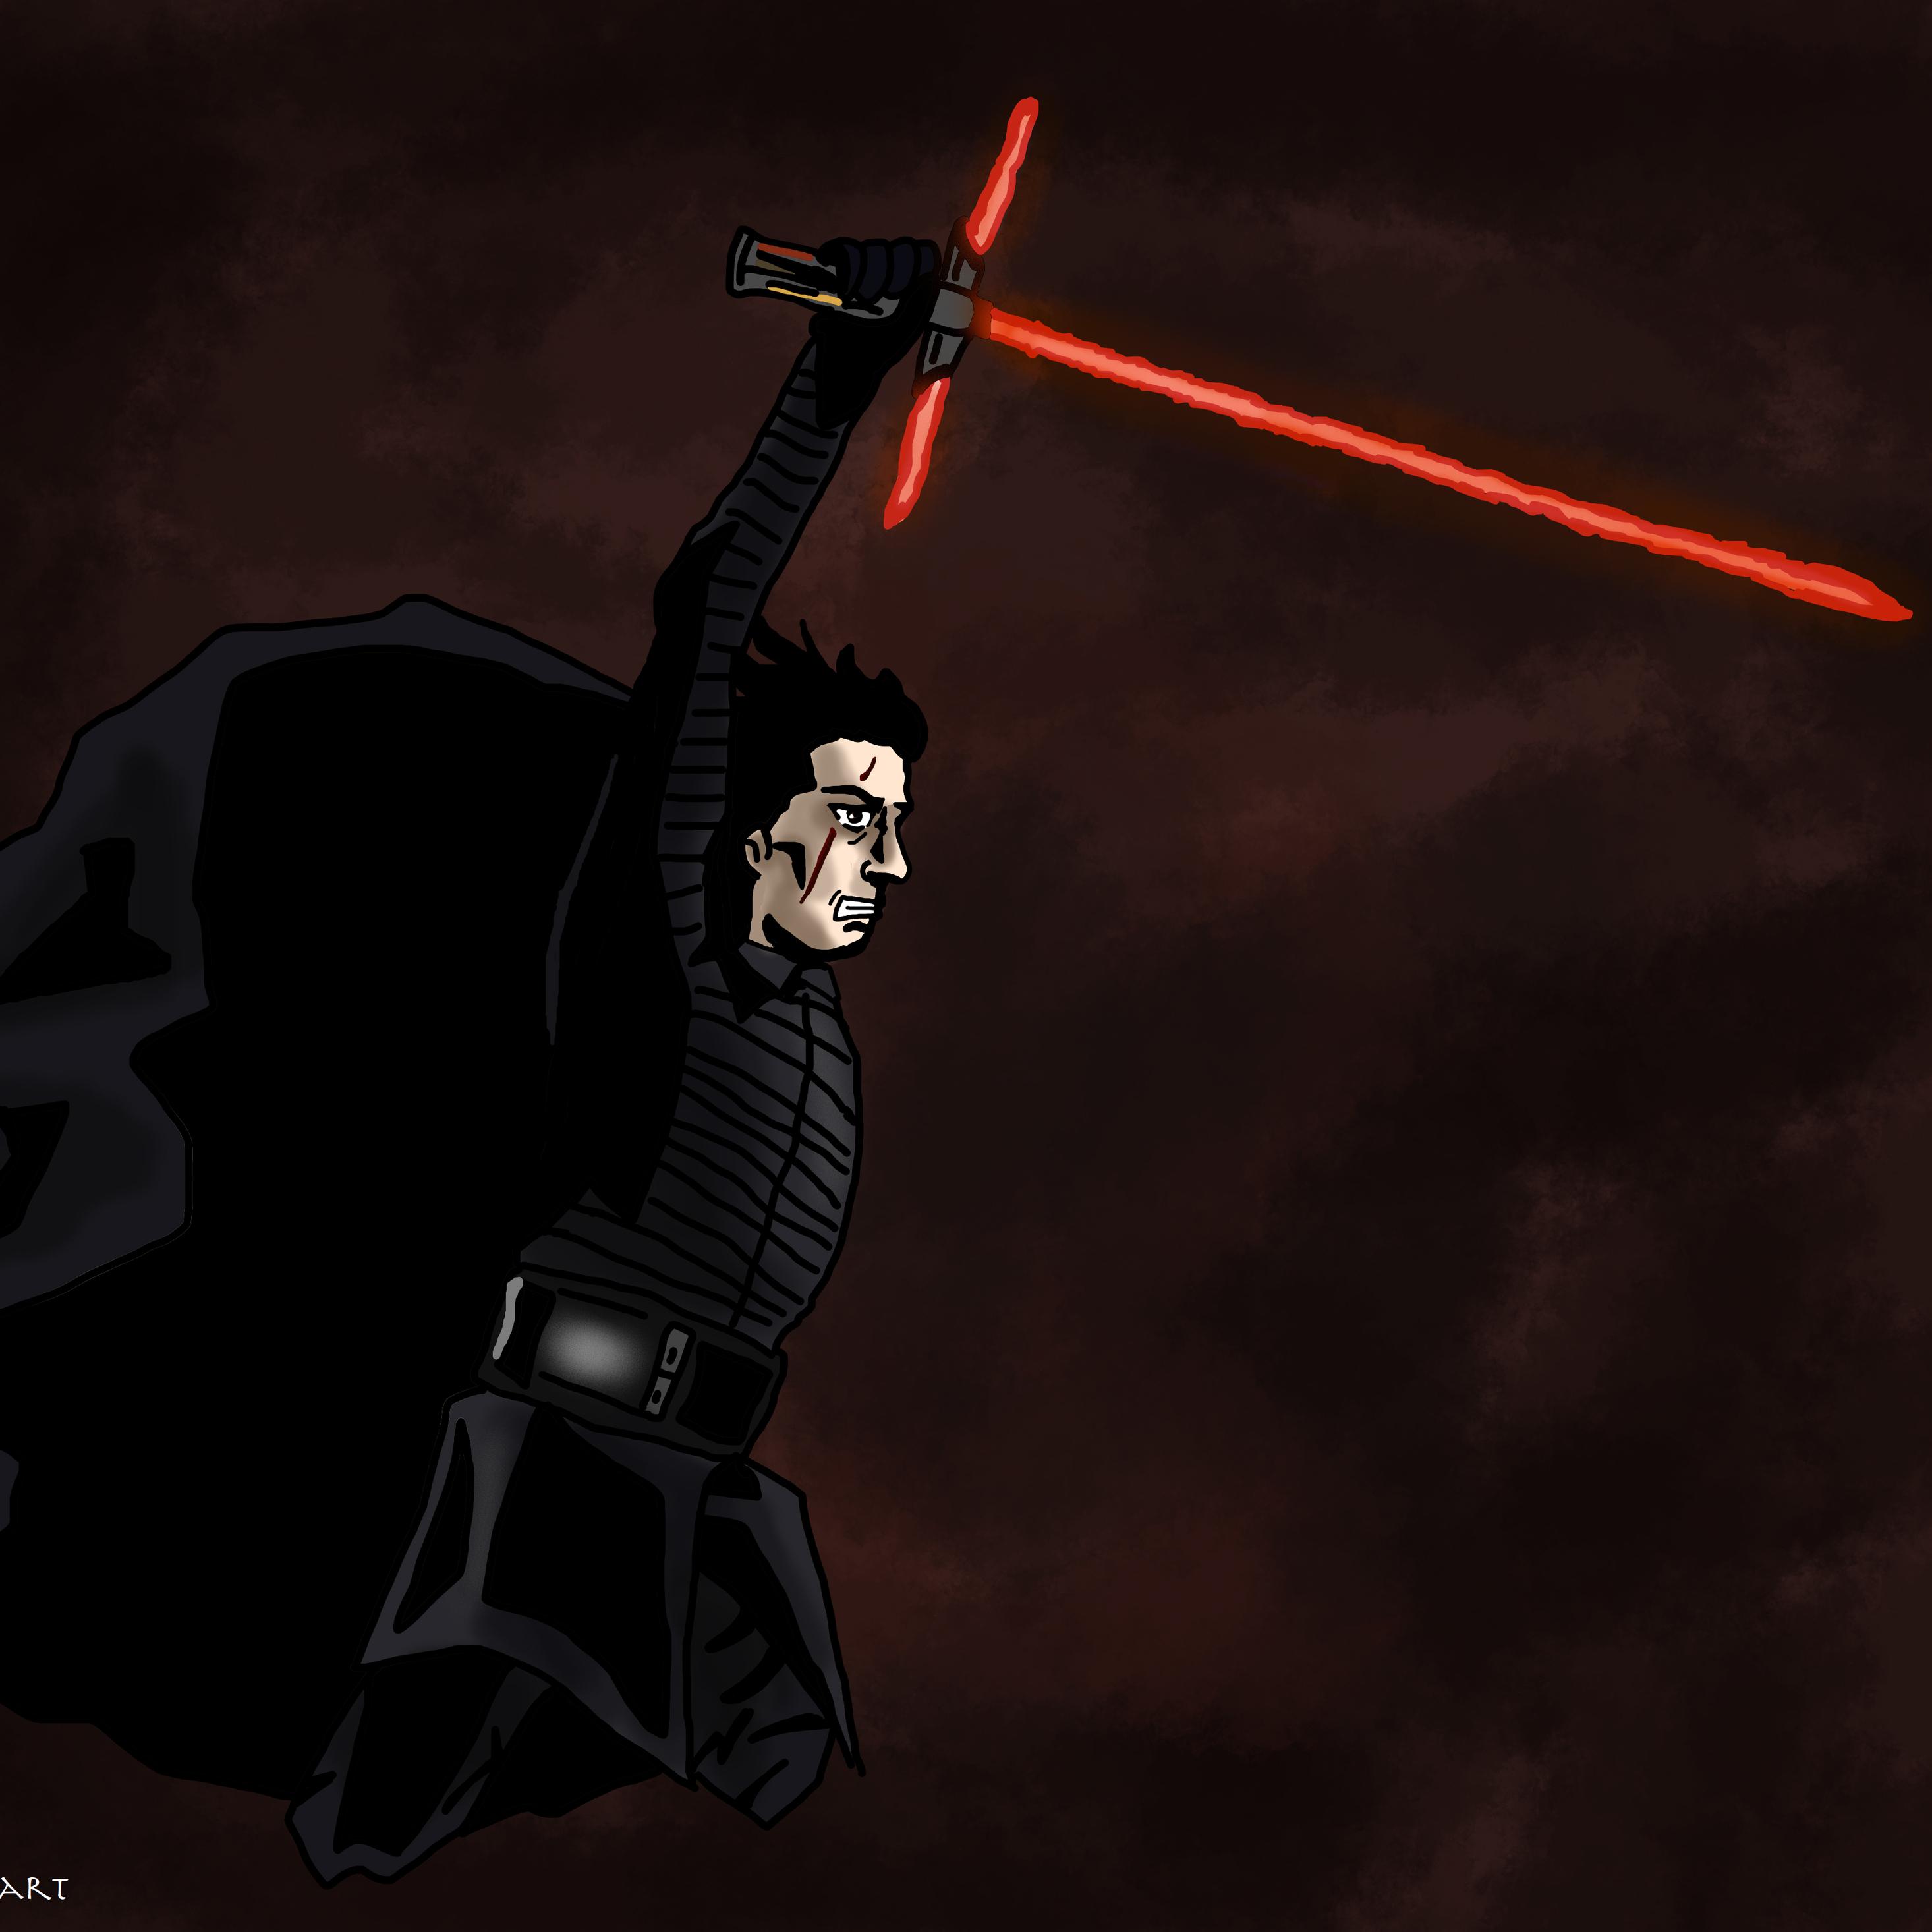 kylo-ren-star-wars-the-last-jedi-5k-artwork-fx.jpg